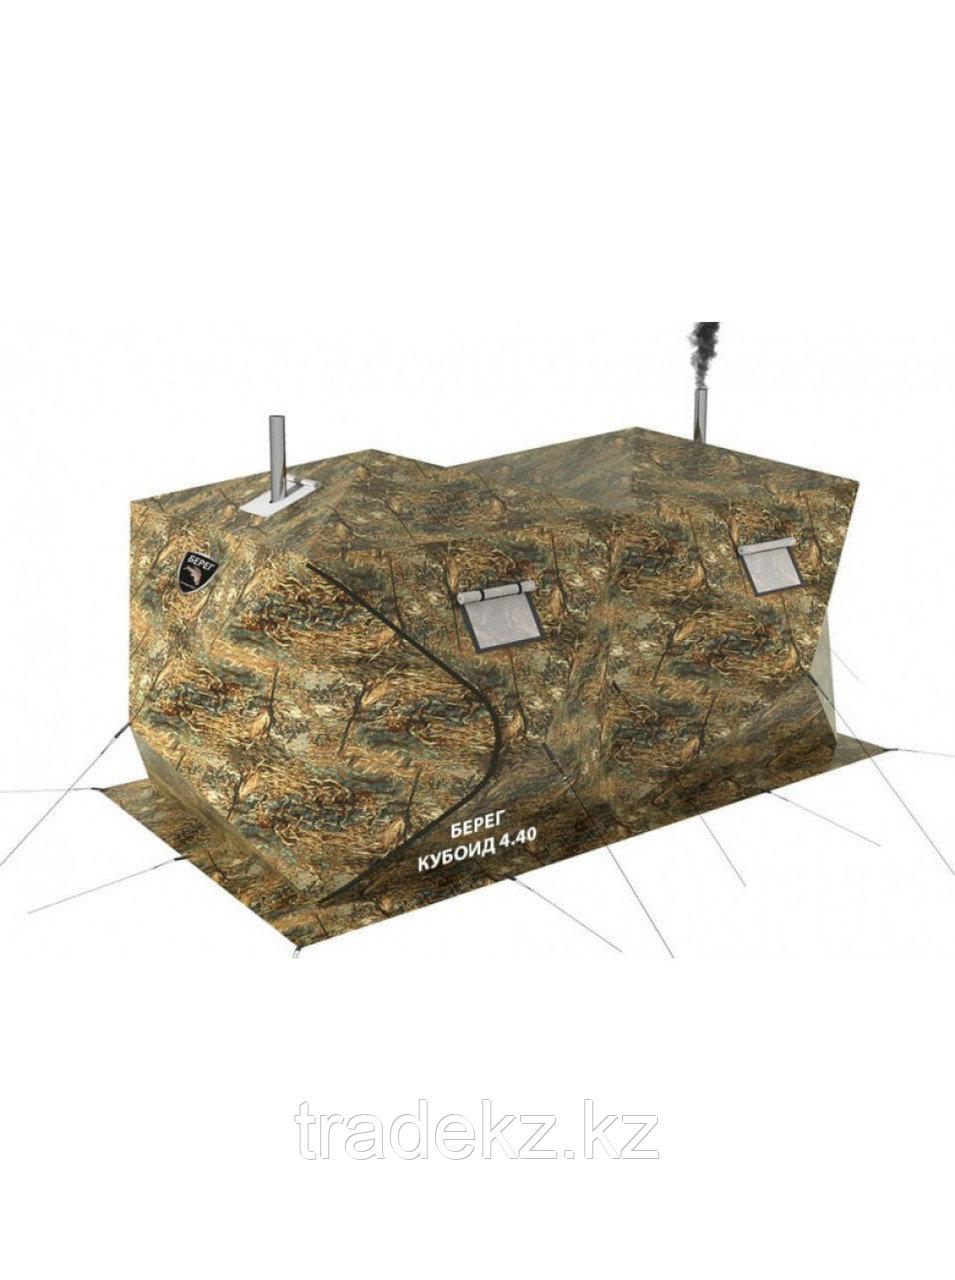 Палатка всесезонная Берег Кубоид 4.40 двухслойная, размер 4,4 x 2.2 x 1.9 м.